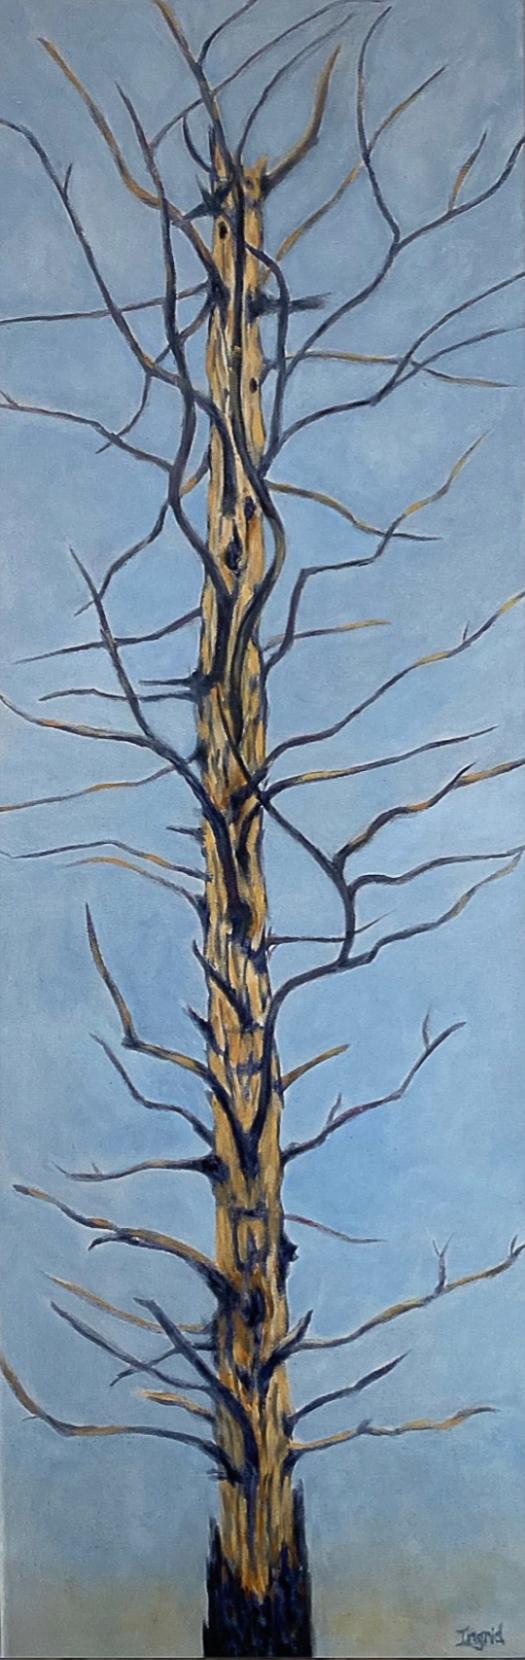 Connidis, Ingrid Arnet - tall painting of leafless tree against blue sky